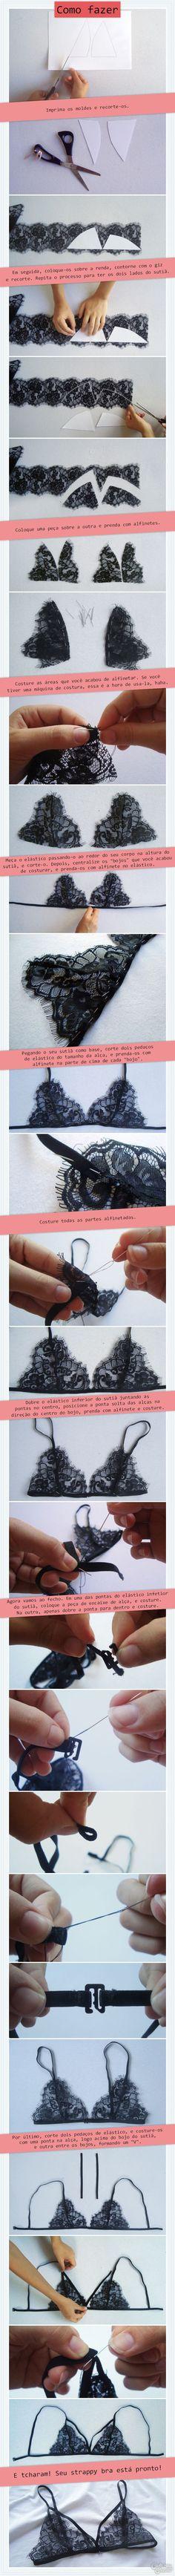 DIY Strappy Bra | Lace bra | http://cademeuchapeu.com - french lingerie, lace bra lingerie, seductive lingerie *sponsored